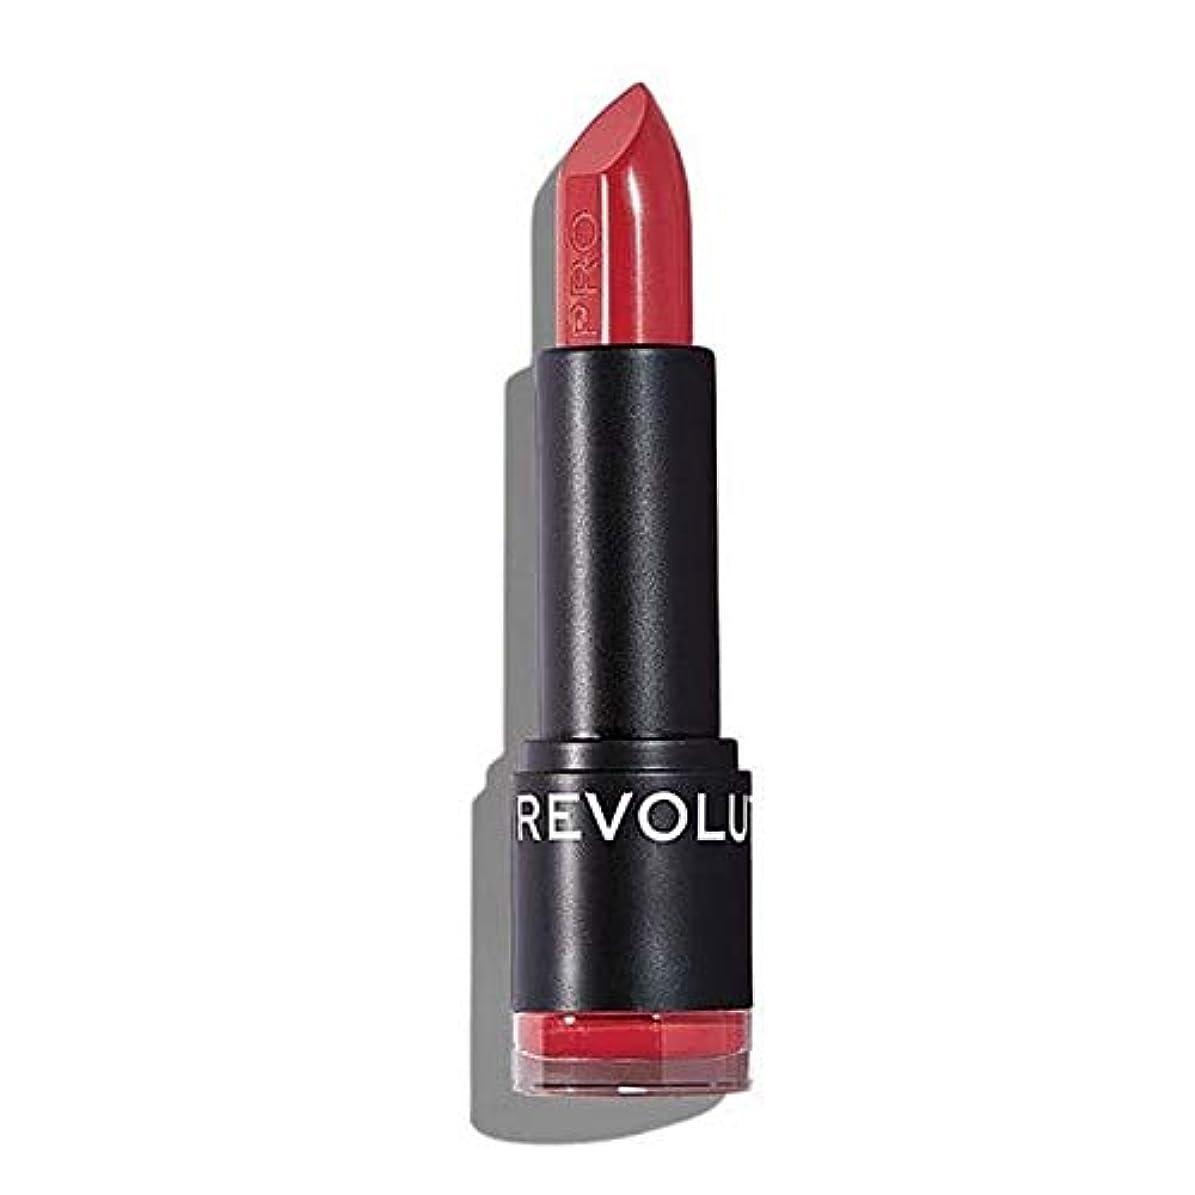 ランデブーポンペイブースト[Revolution ] 革命プロ最高の口紅の論争 - Revolution Pro Supreme Lipstick Controversy [並行輸入品]